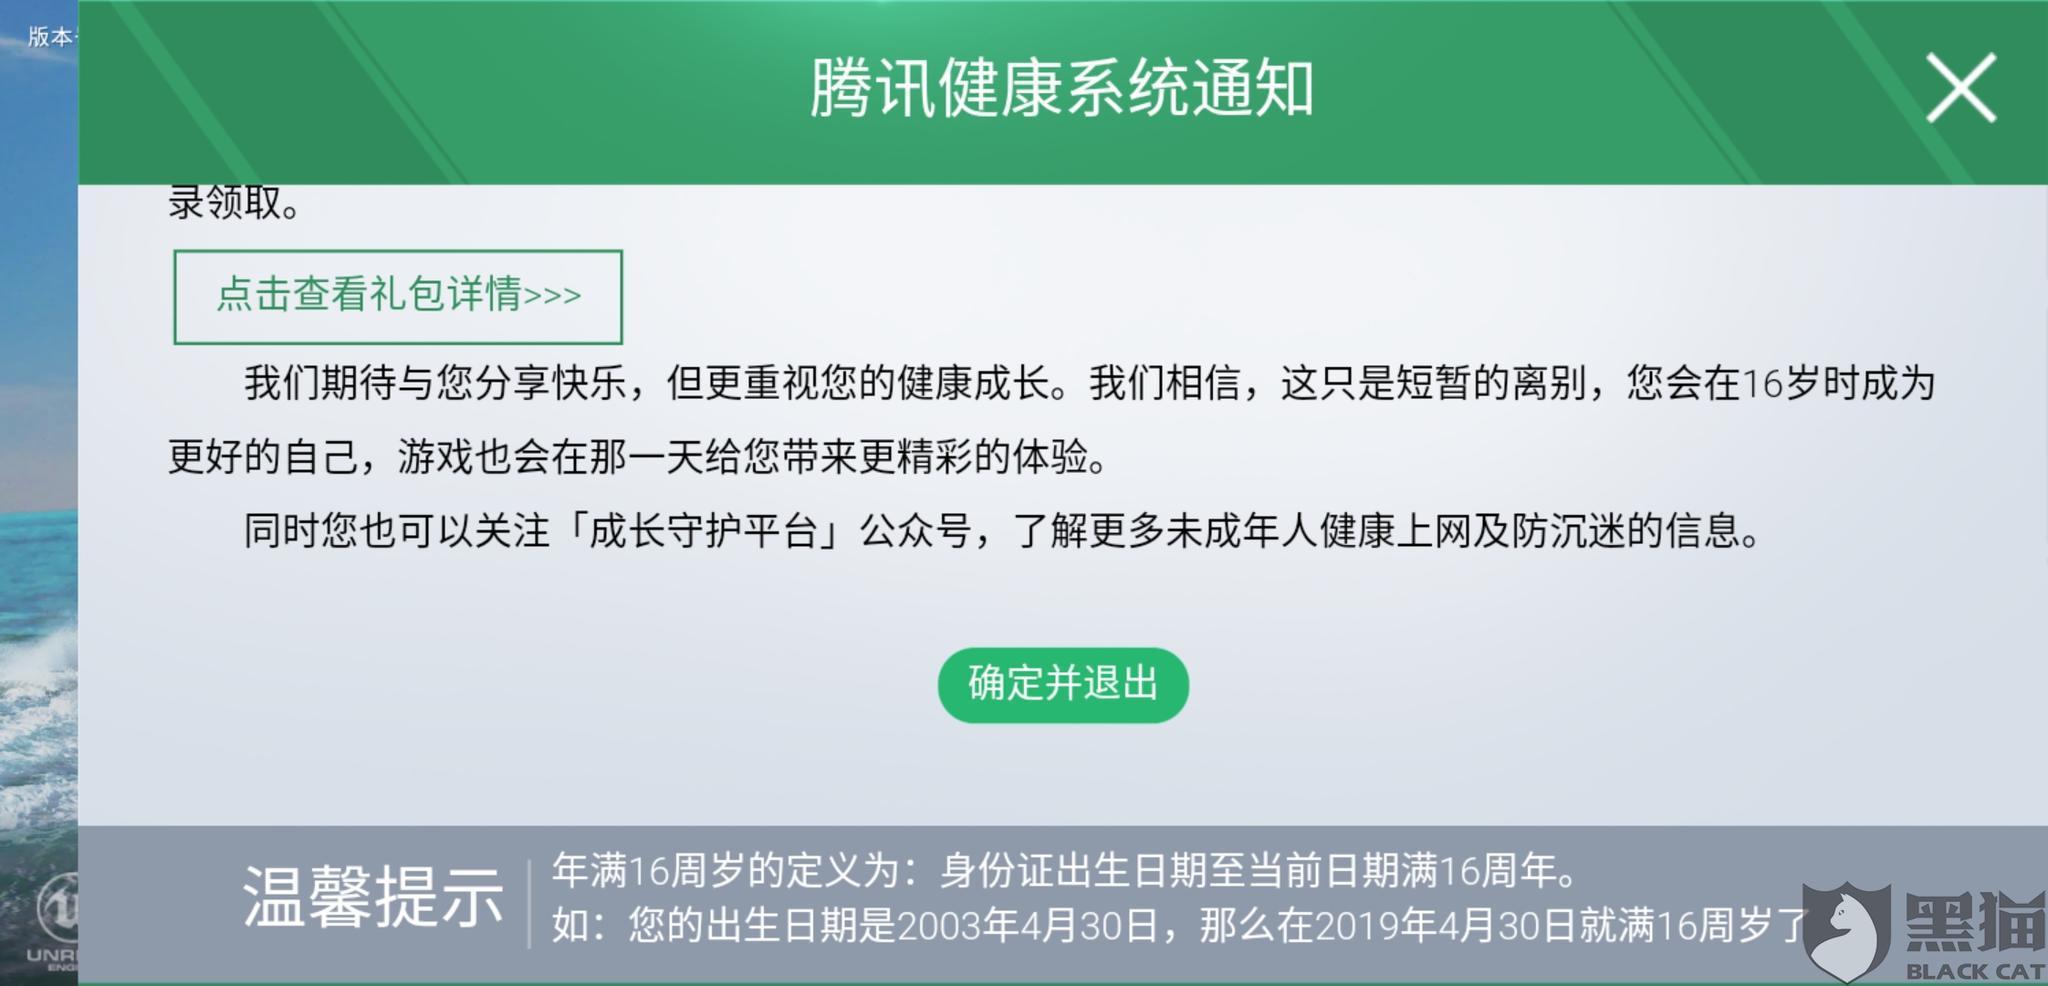 黑猫投诉:广州交易猫信息技术有限公司